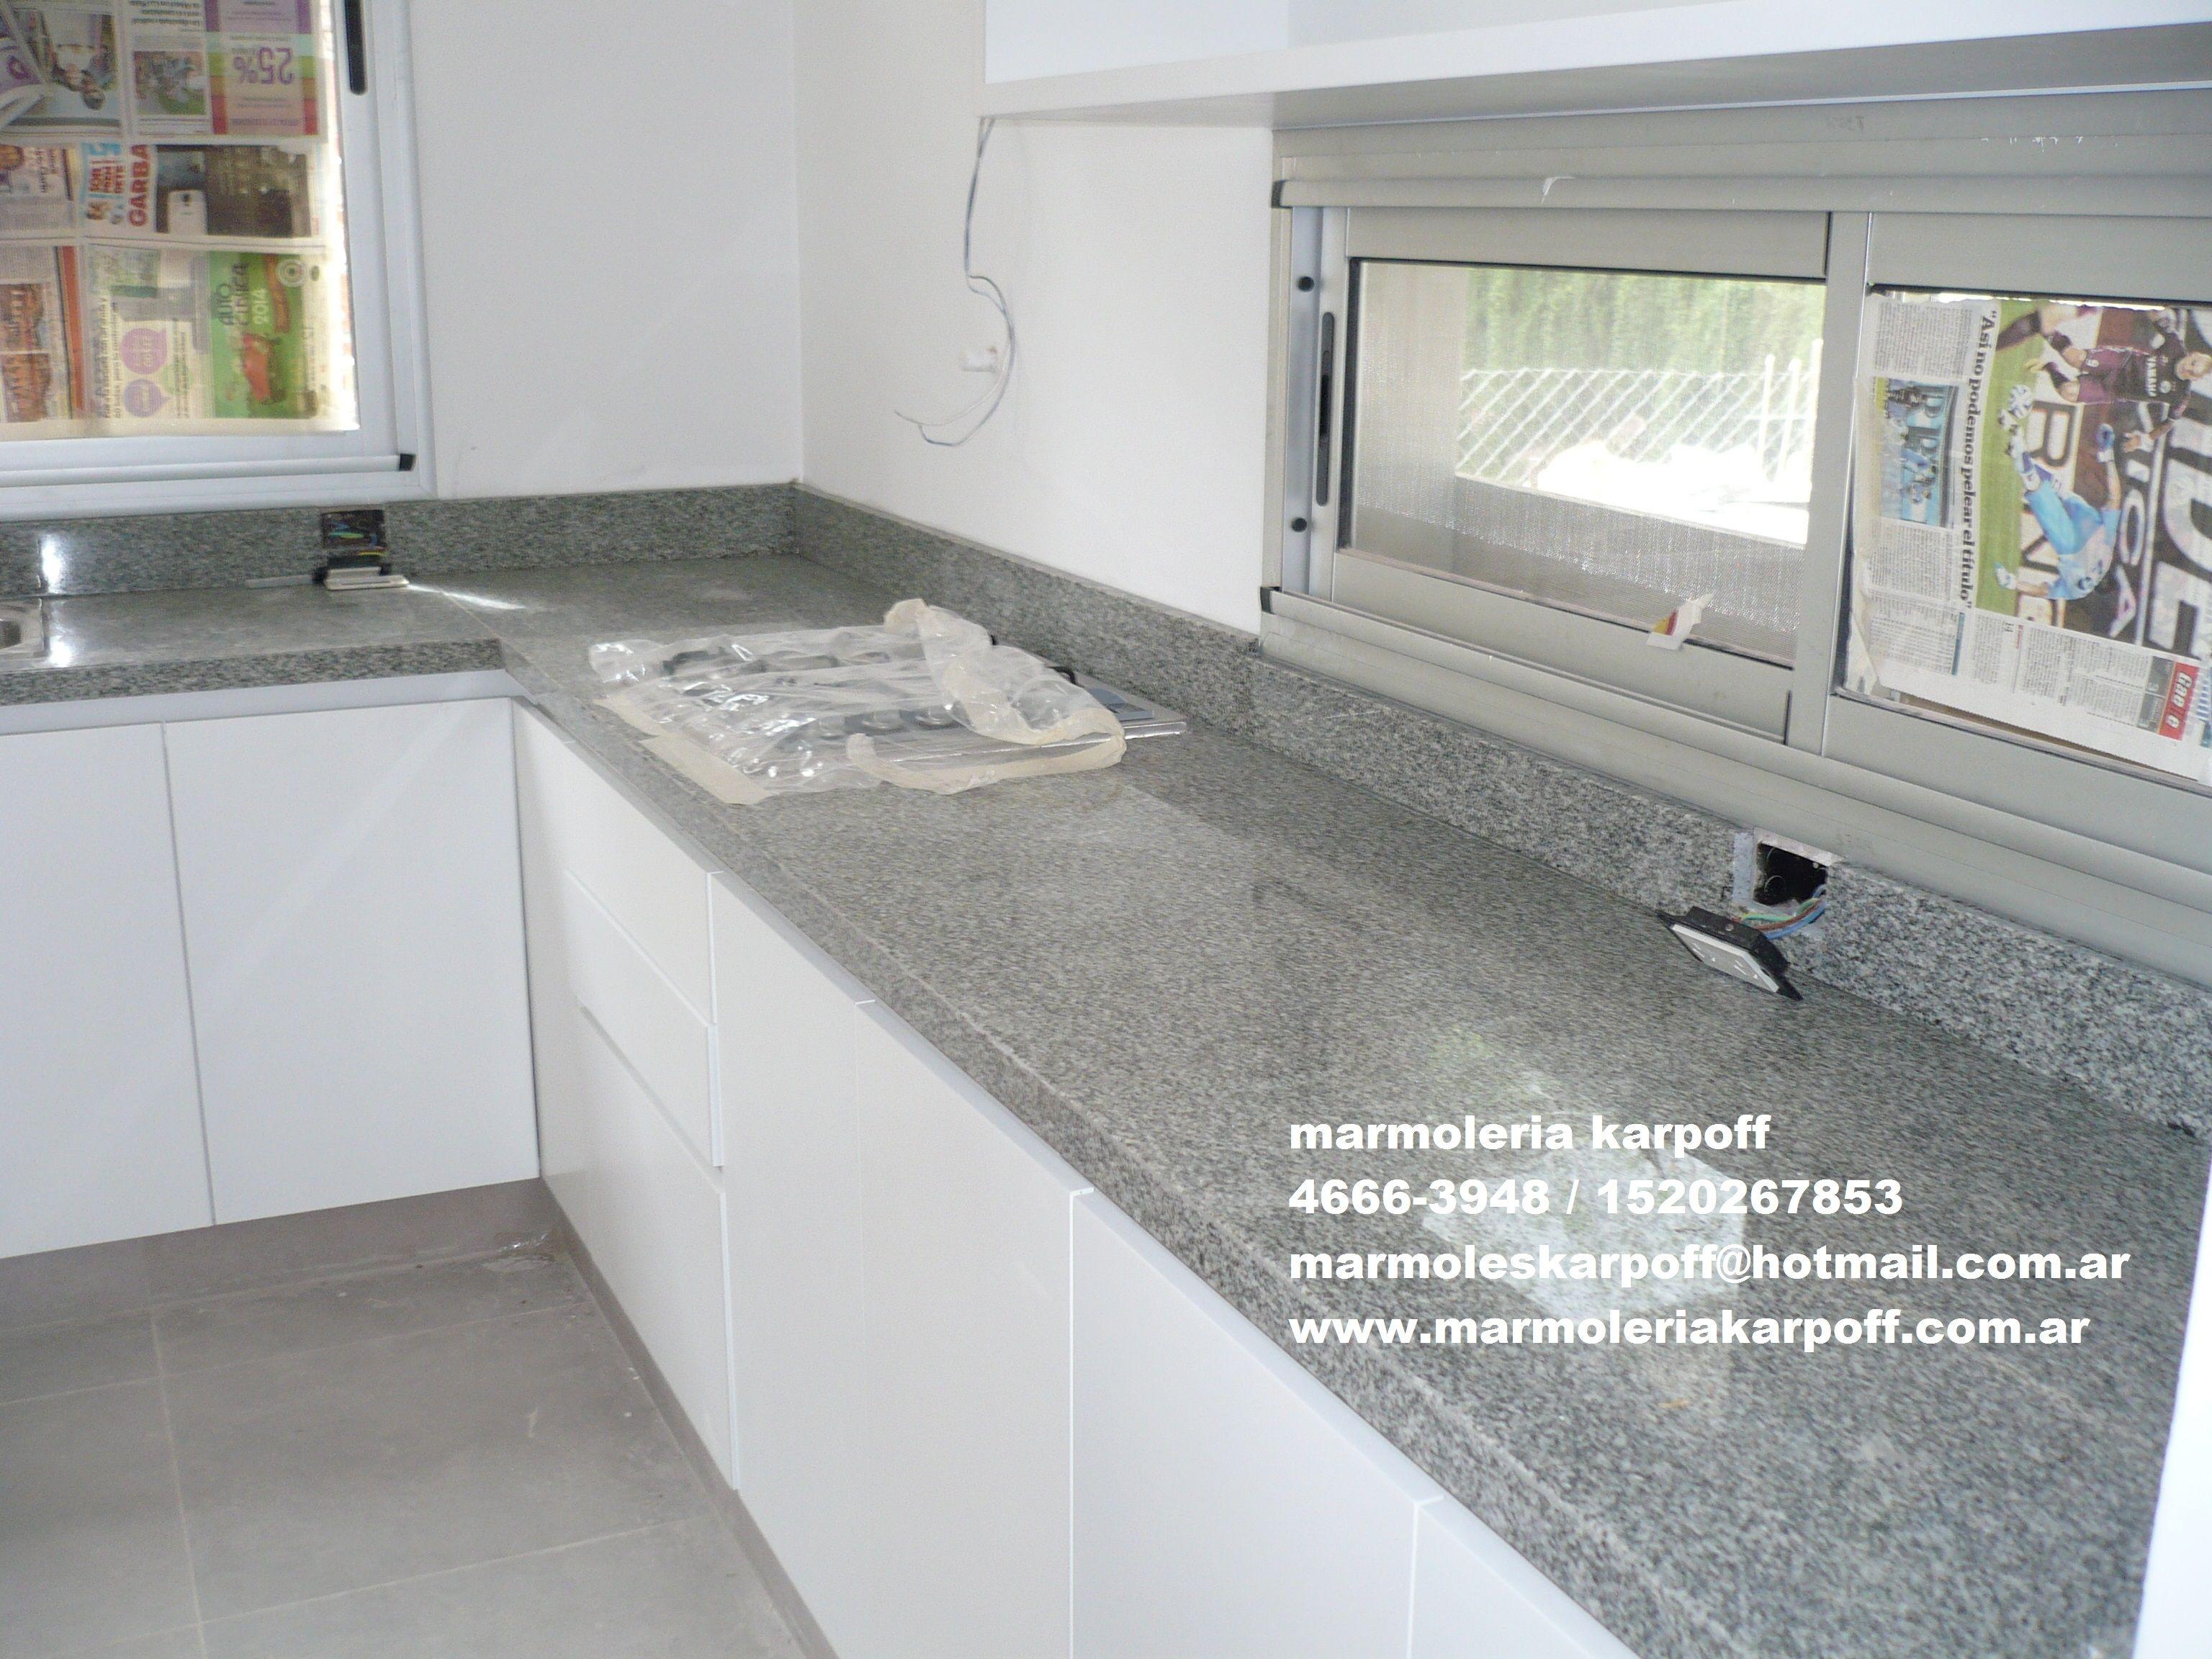 Mesada en granito gris mara marmoler a karpoff for Color gris granito